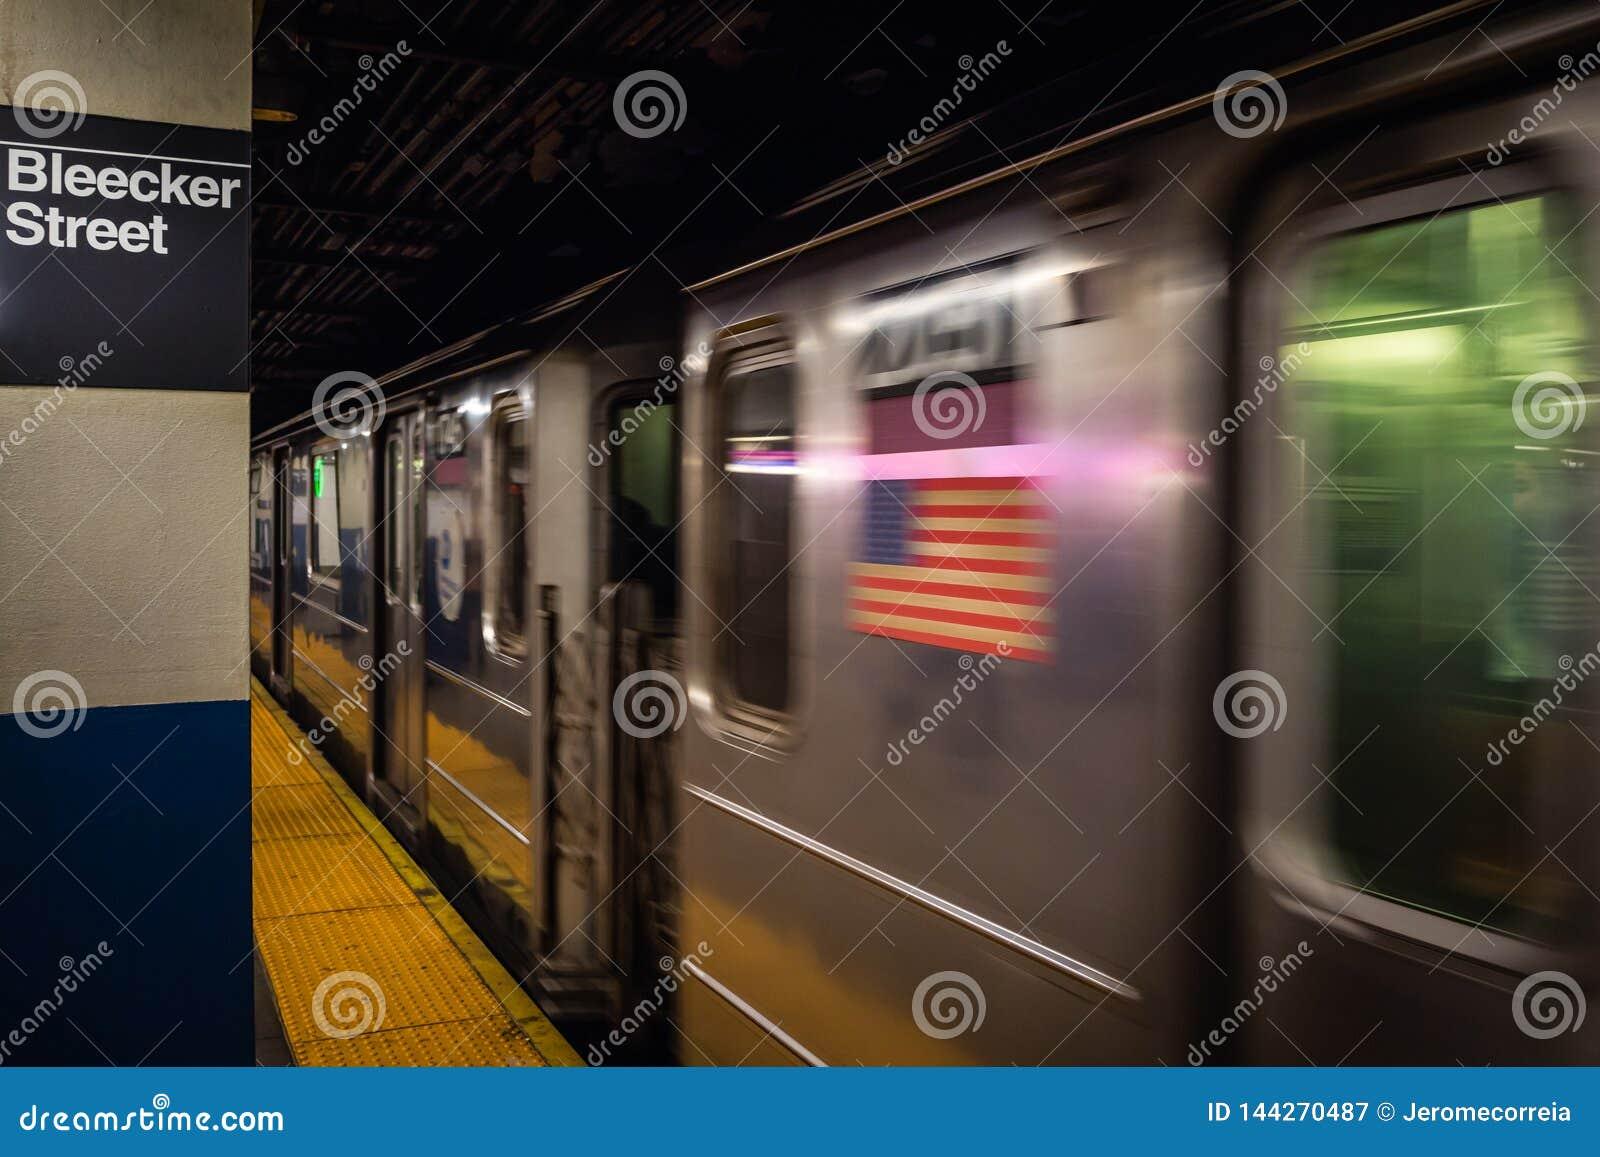 Miasto Nowy Jork, usa - LUTY 23, 2018: Stacja metra w Bleecker ulicy stacji w NYC